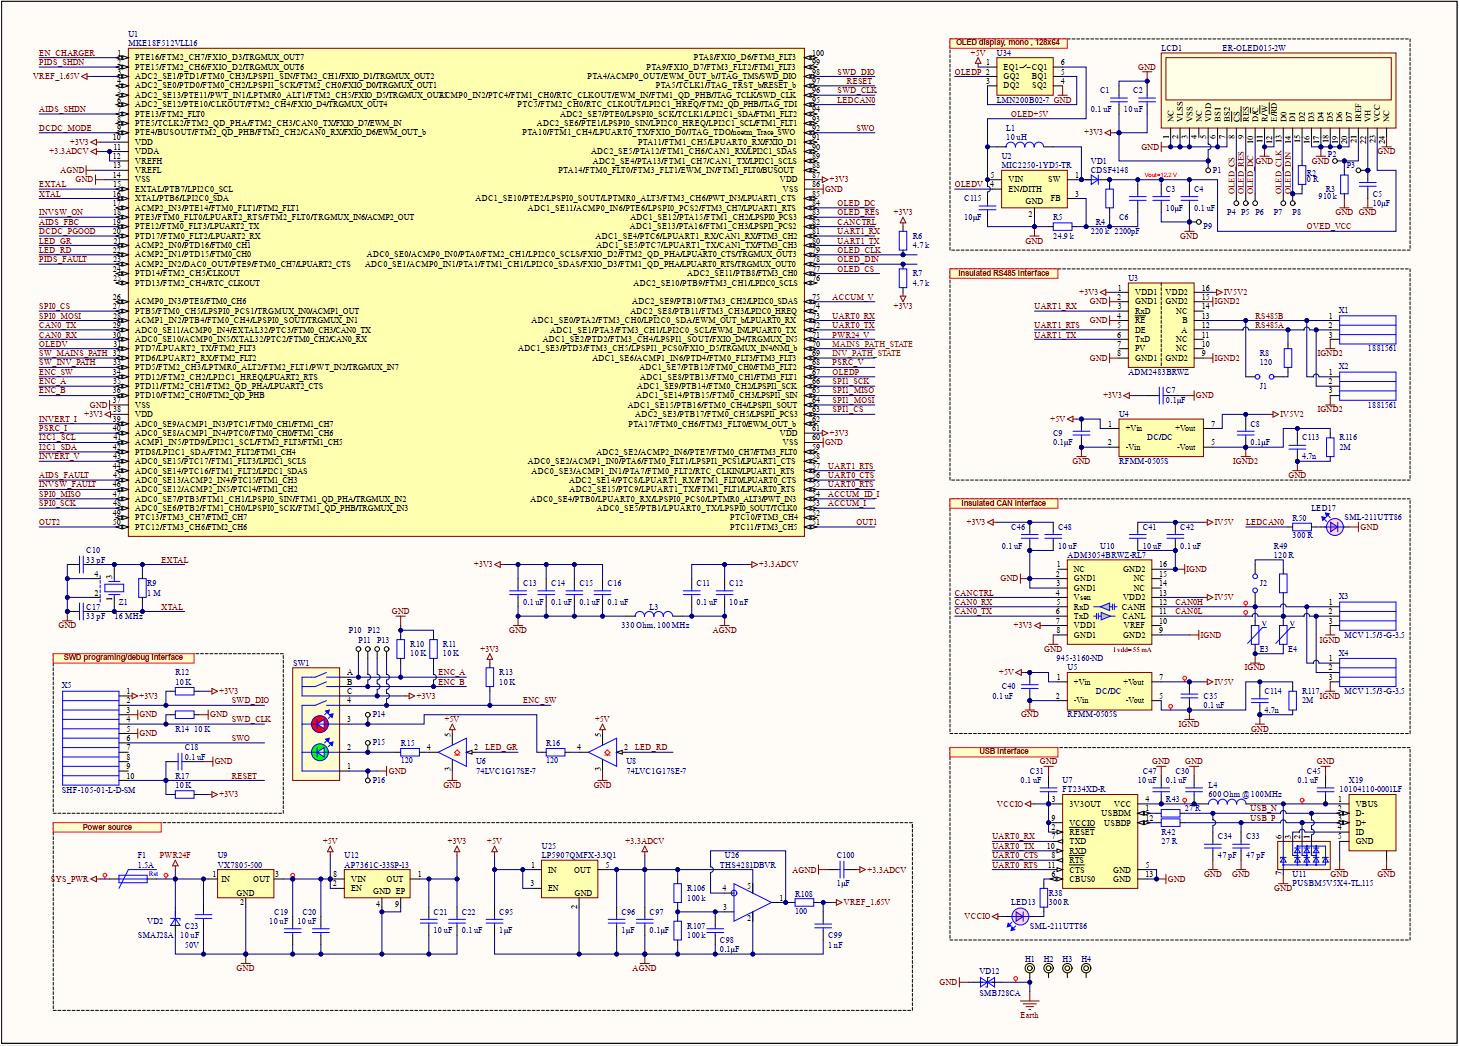 Лист 2. Микроконтроллер, цифровые интерфейсы, дисплей, стабилизаторы питания